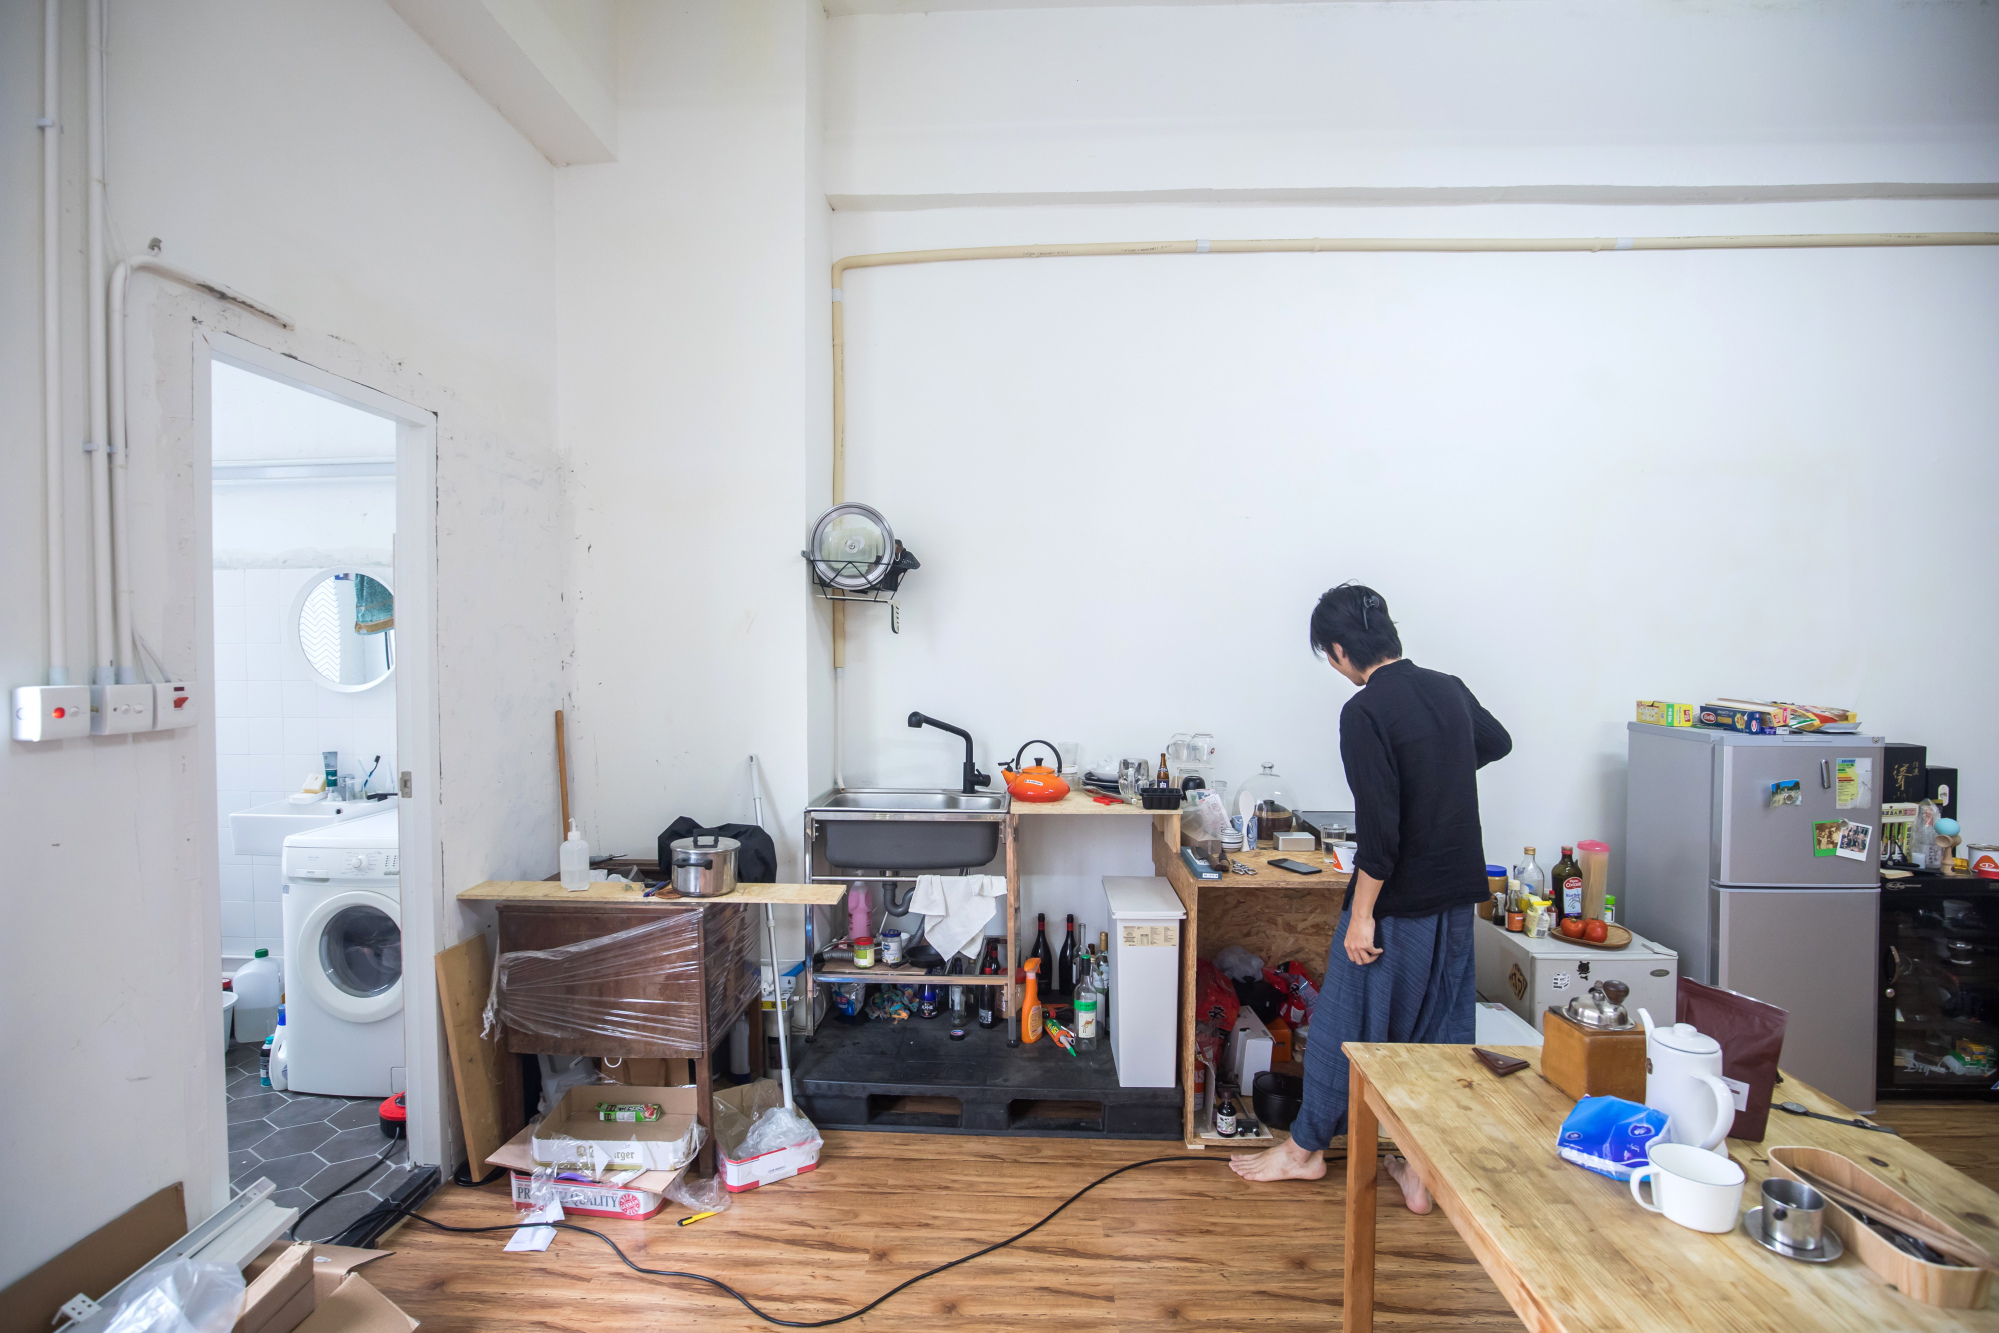 Cocina de un apartamento de un edificio industrial / Paul Yeung/Bloomberg